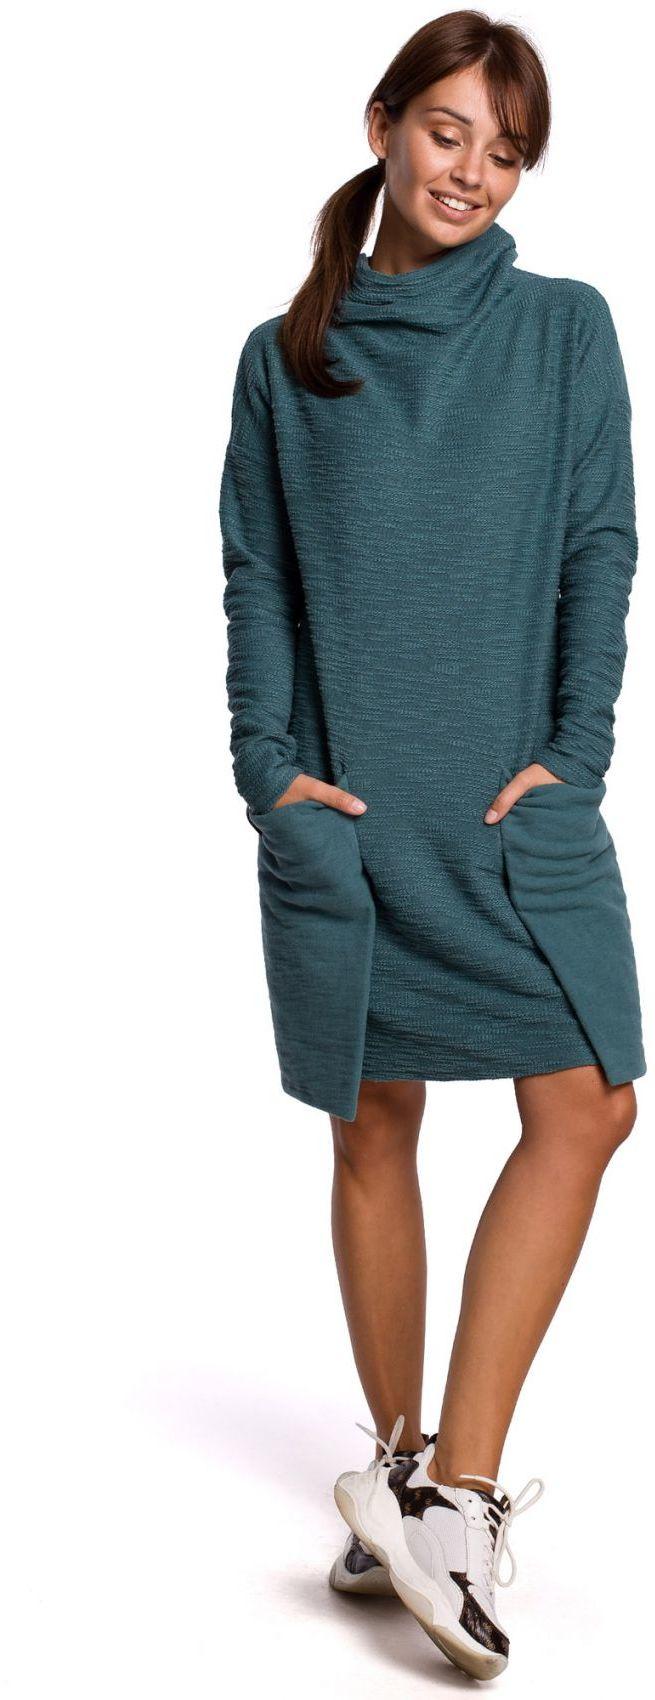 B177 Sukienka z kieszeniami naszywanymi - turkusowa